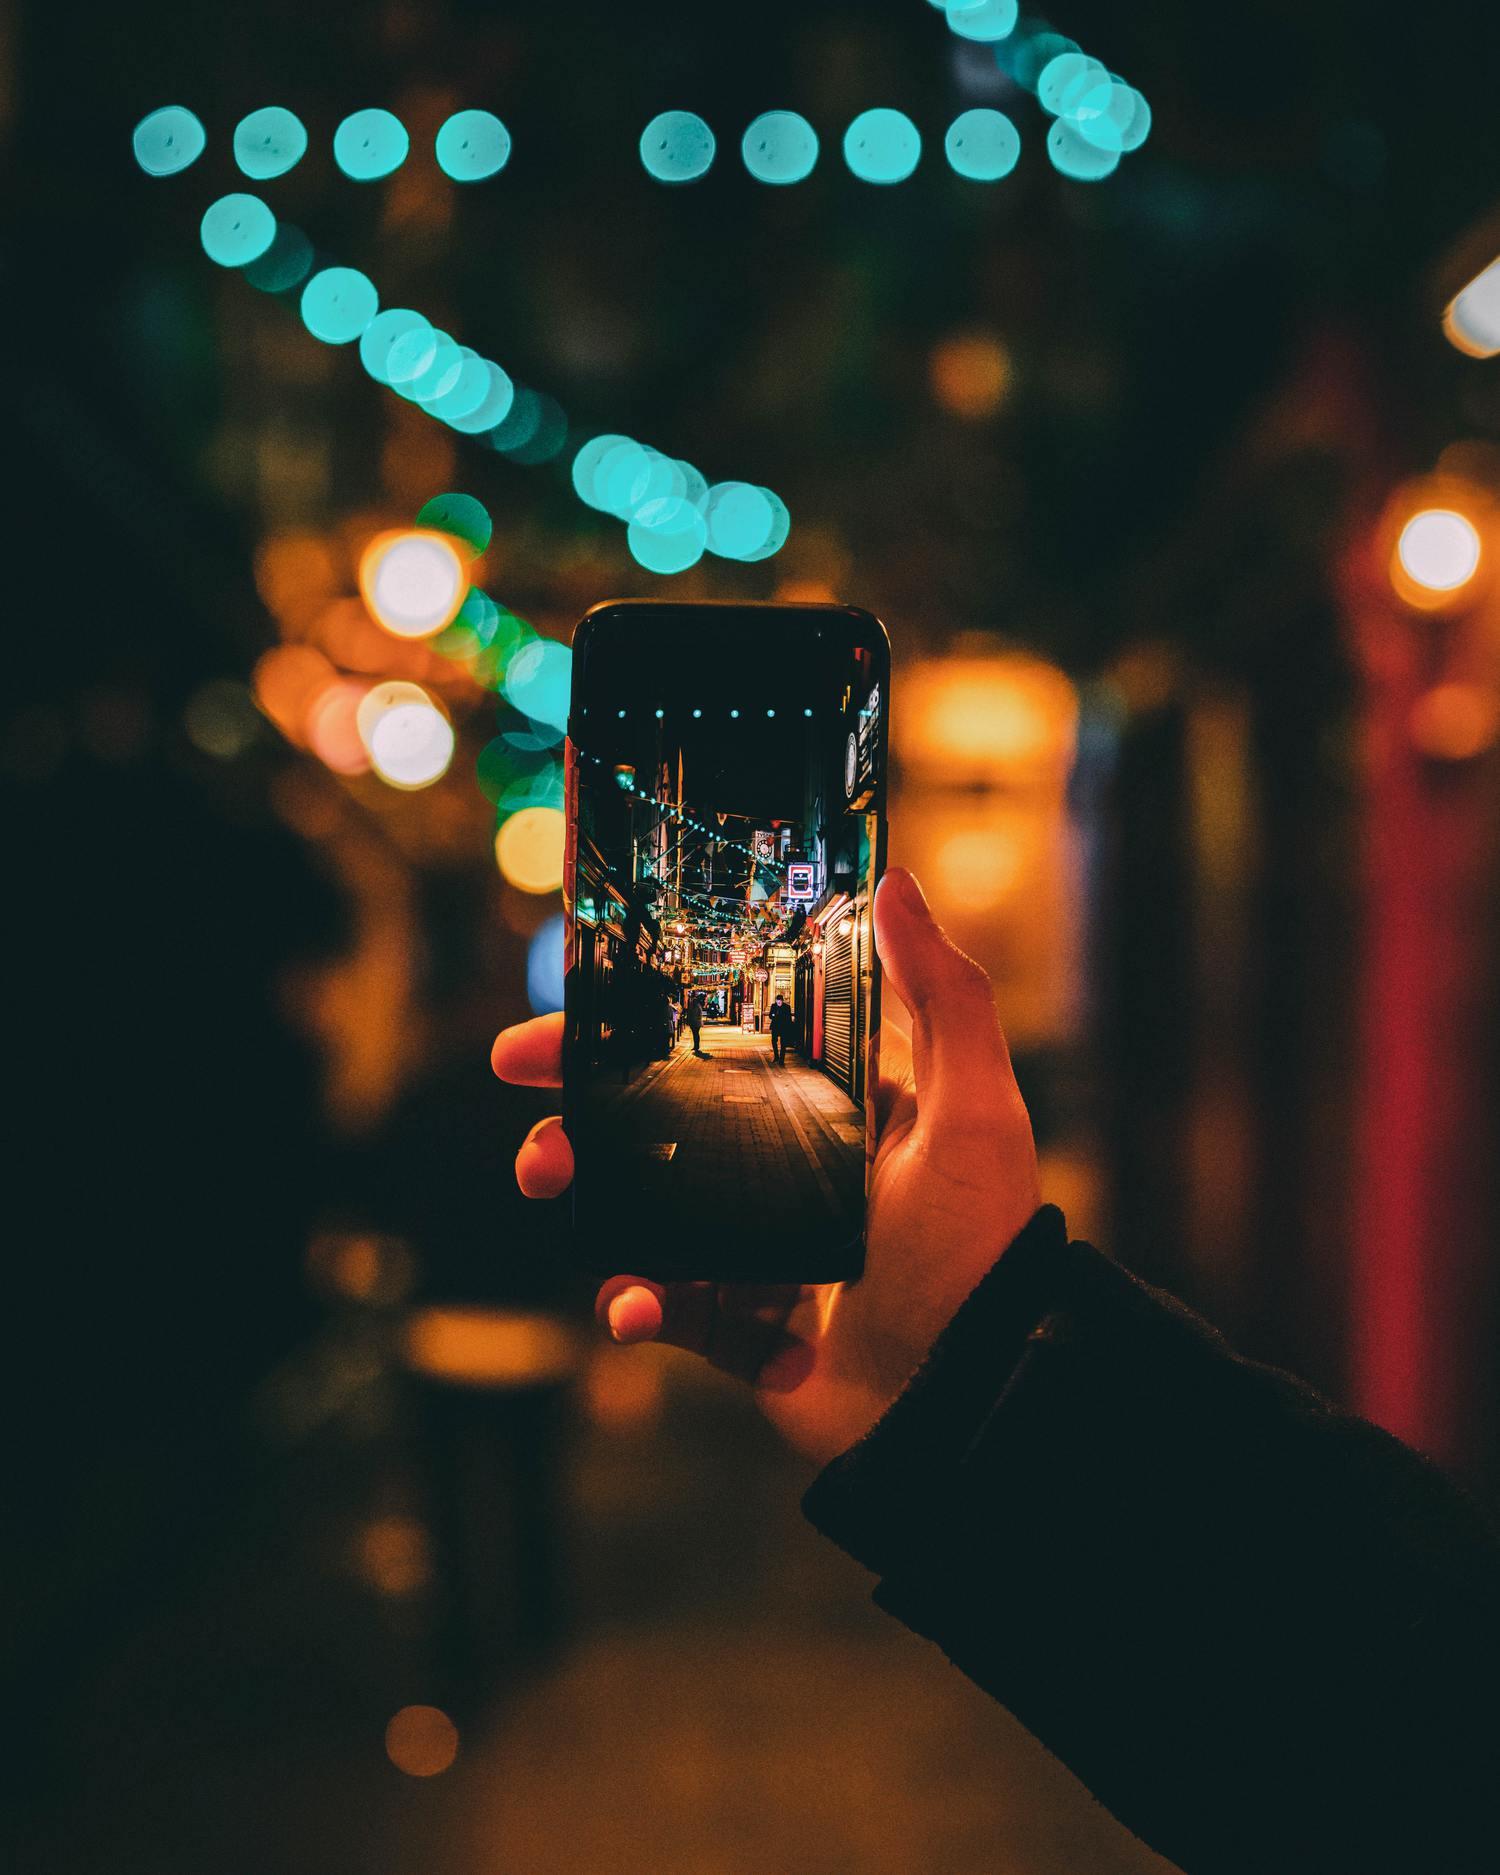 foto móvil noche calle